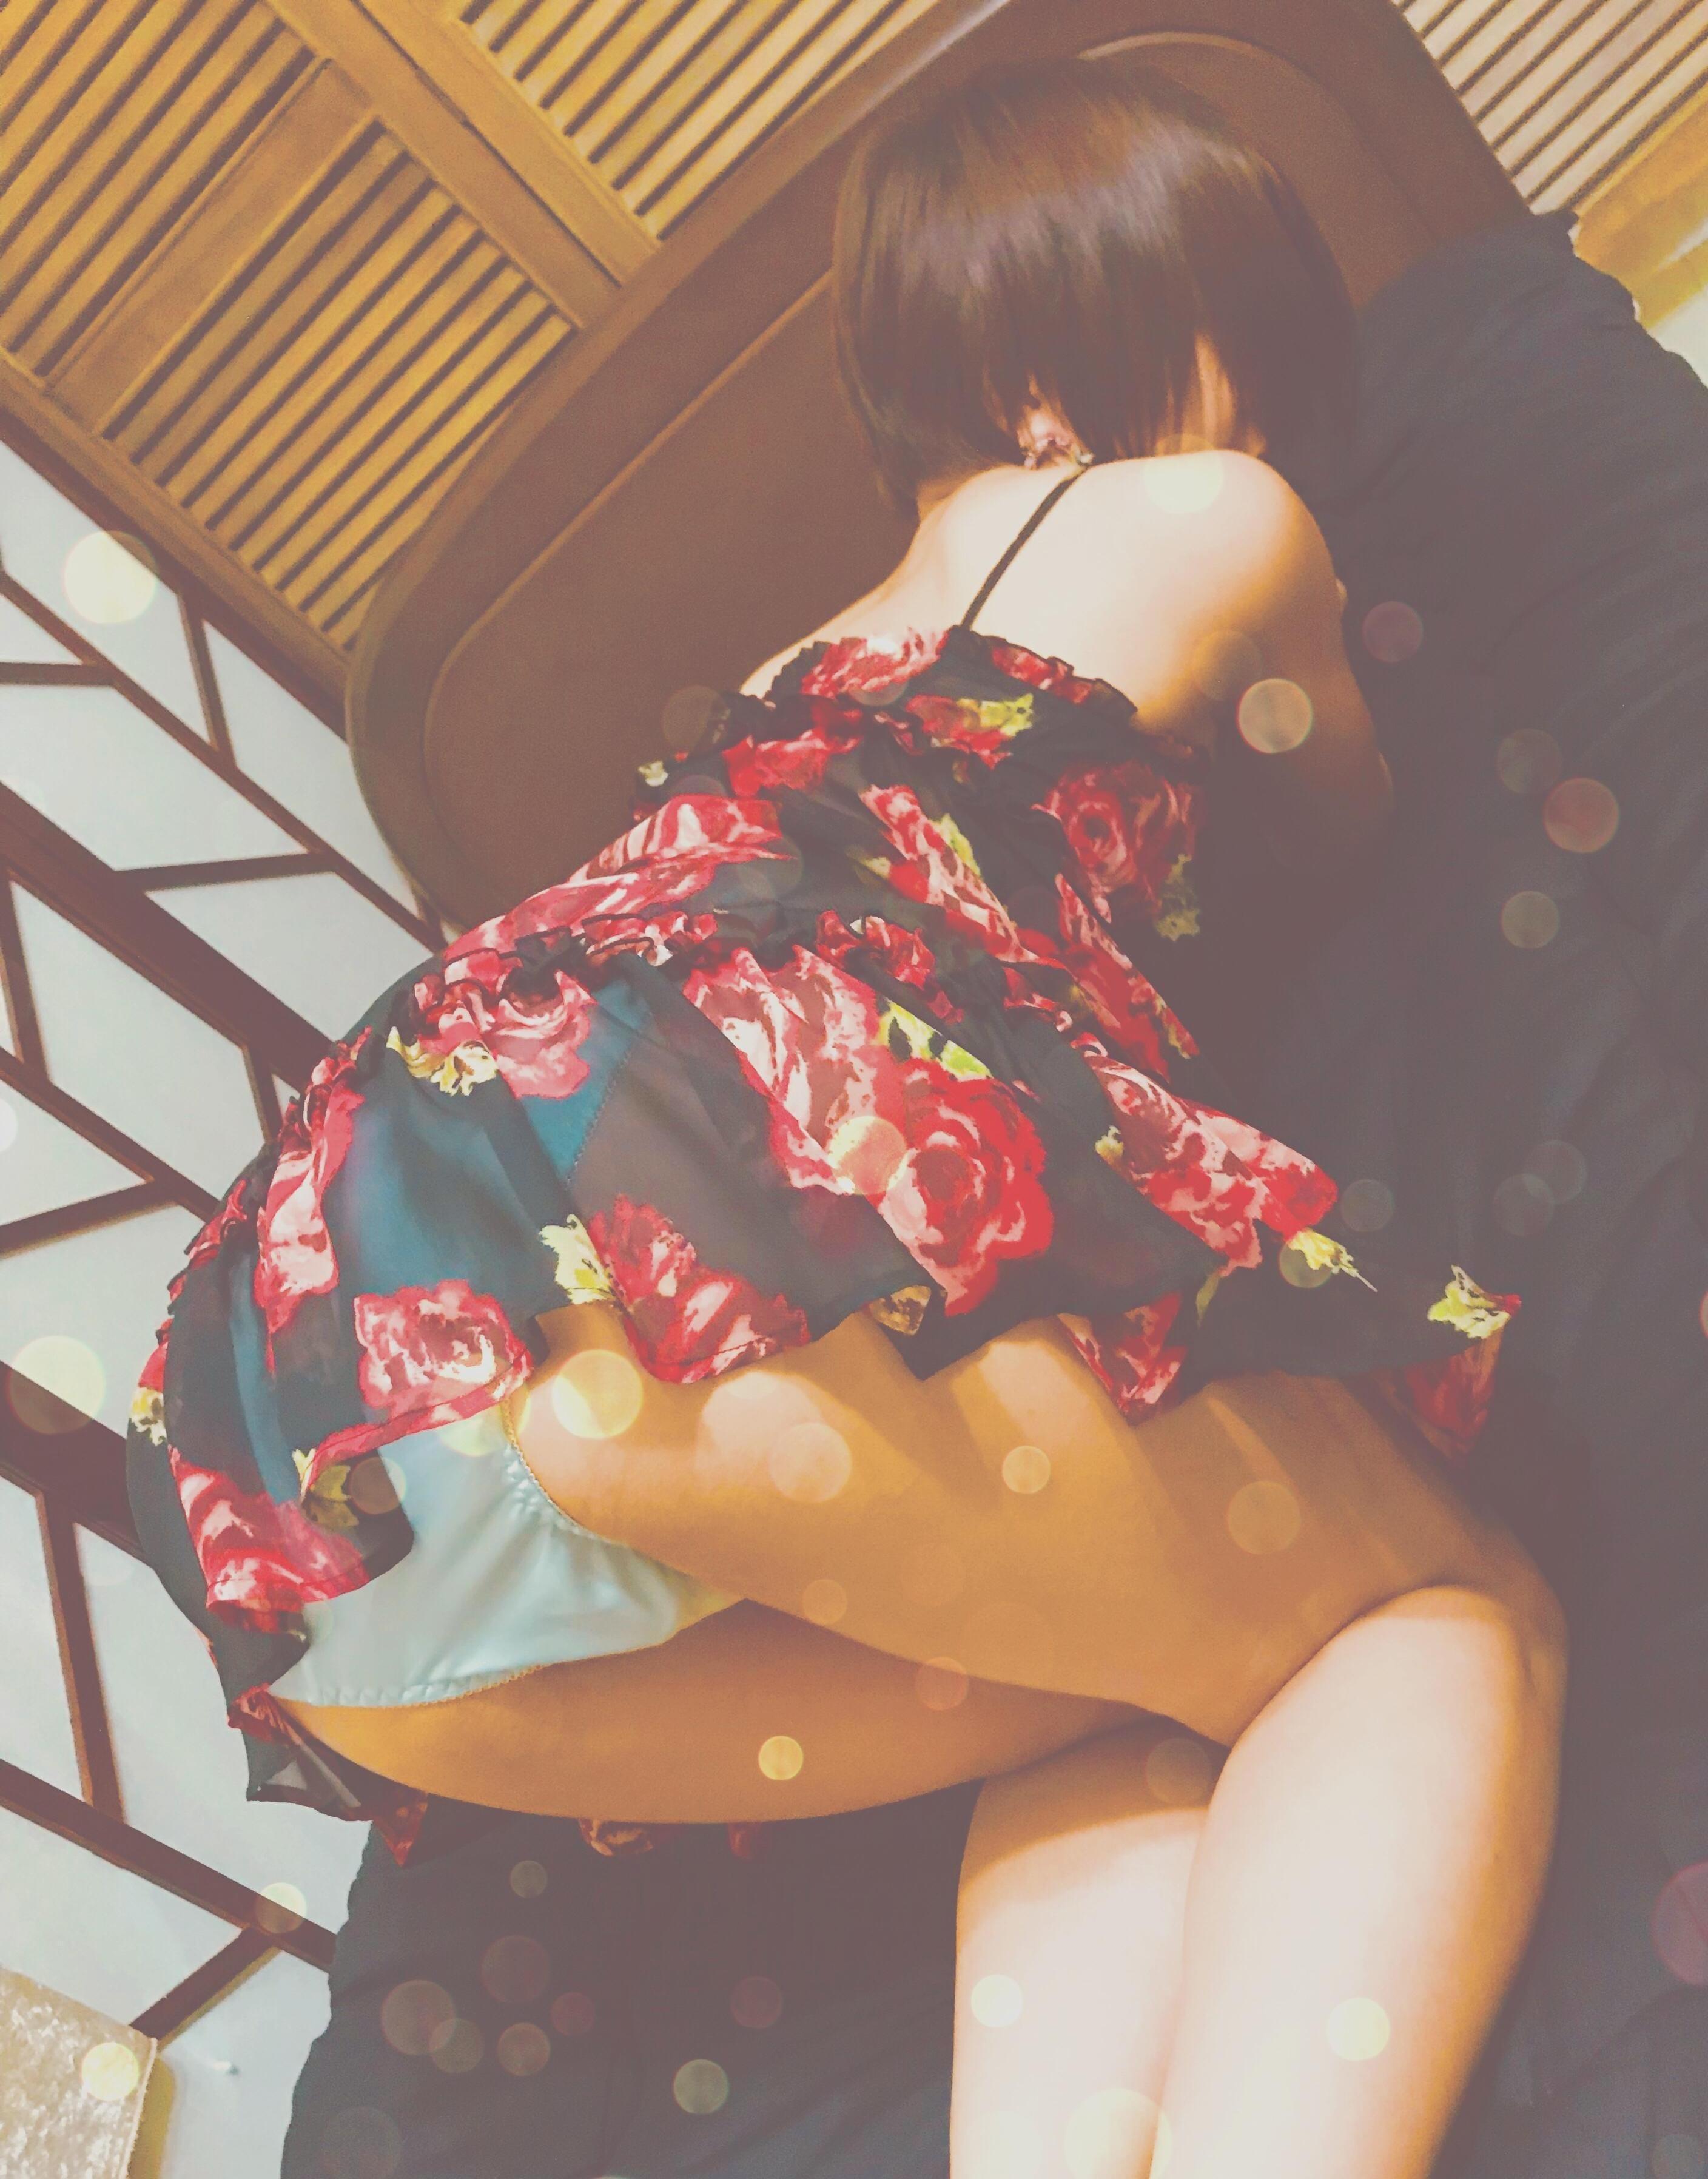 みみ「たくさん抱いて?」06/15(土) 01:42 | みみの写メ・風俗動画